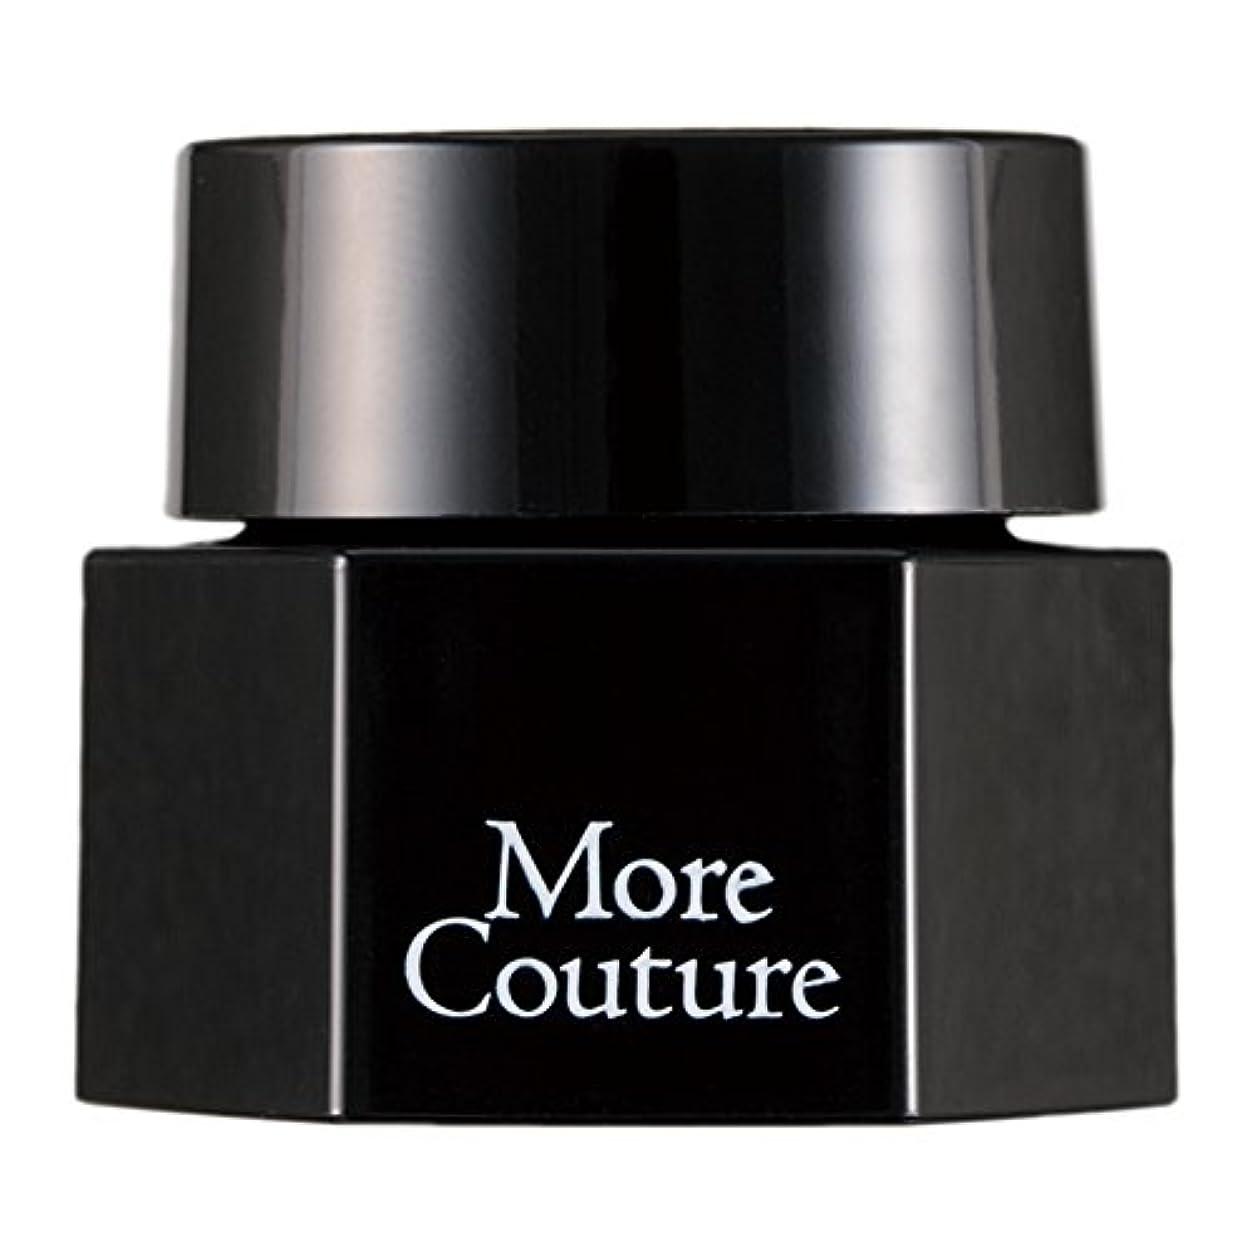 関係する前任者均等にMore Couture カラージェル 306 フレンチバニラ 5g UV/LED対応